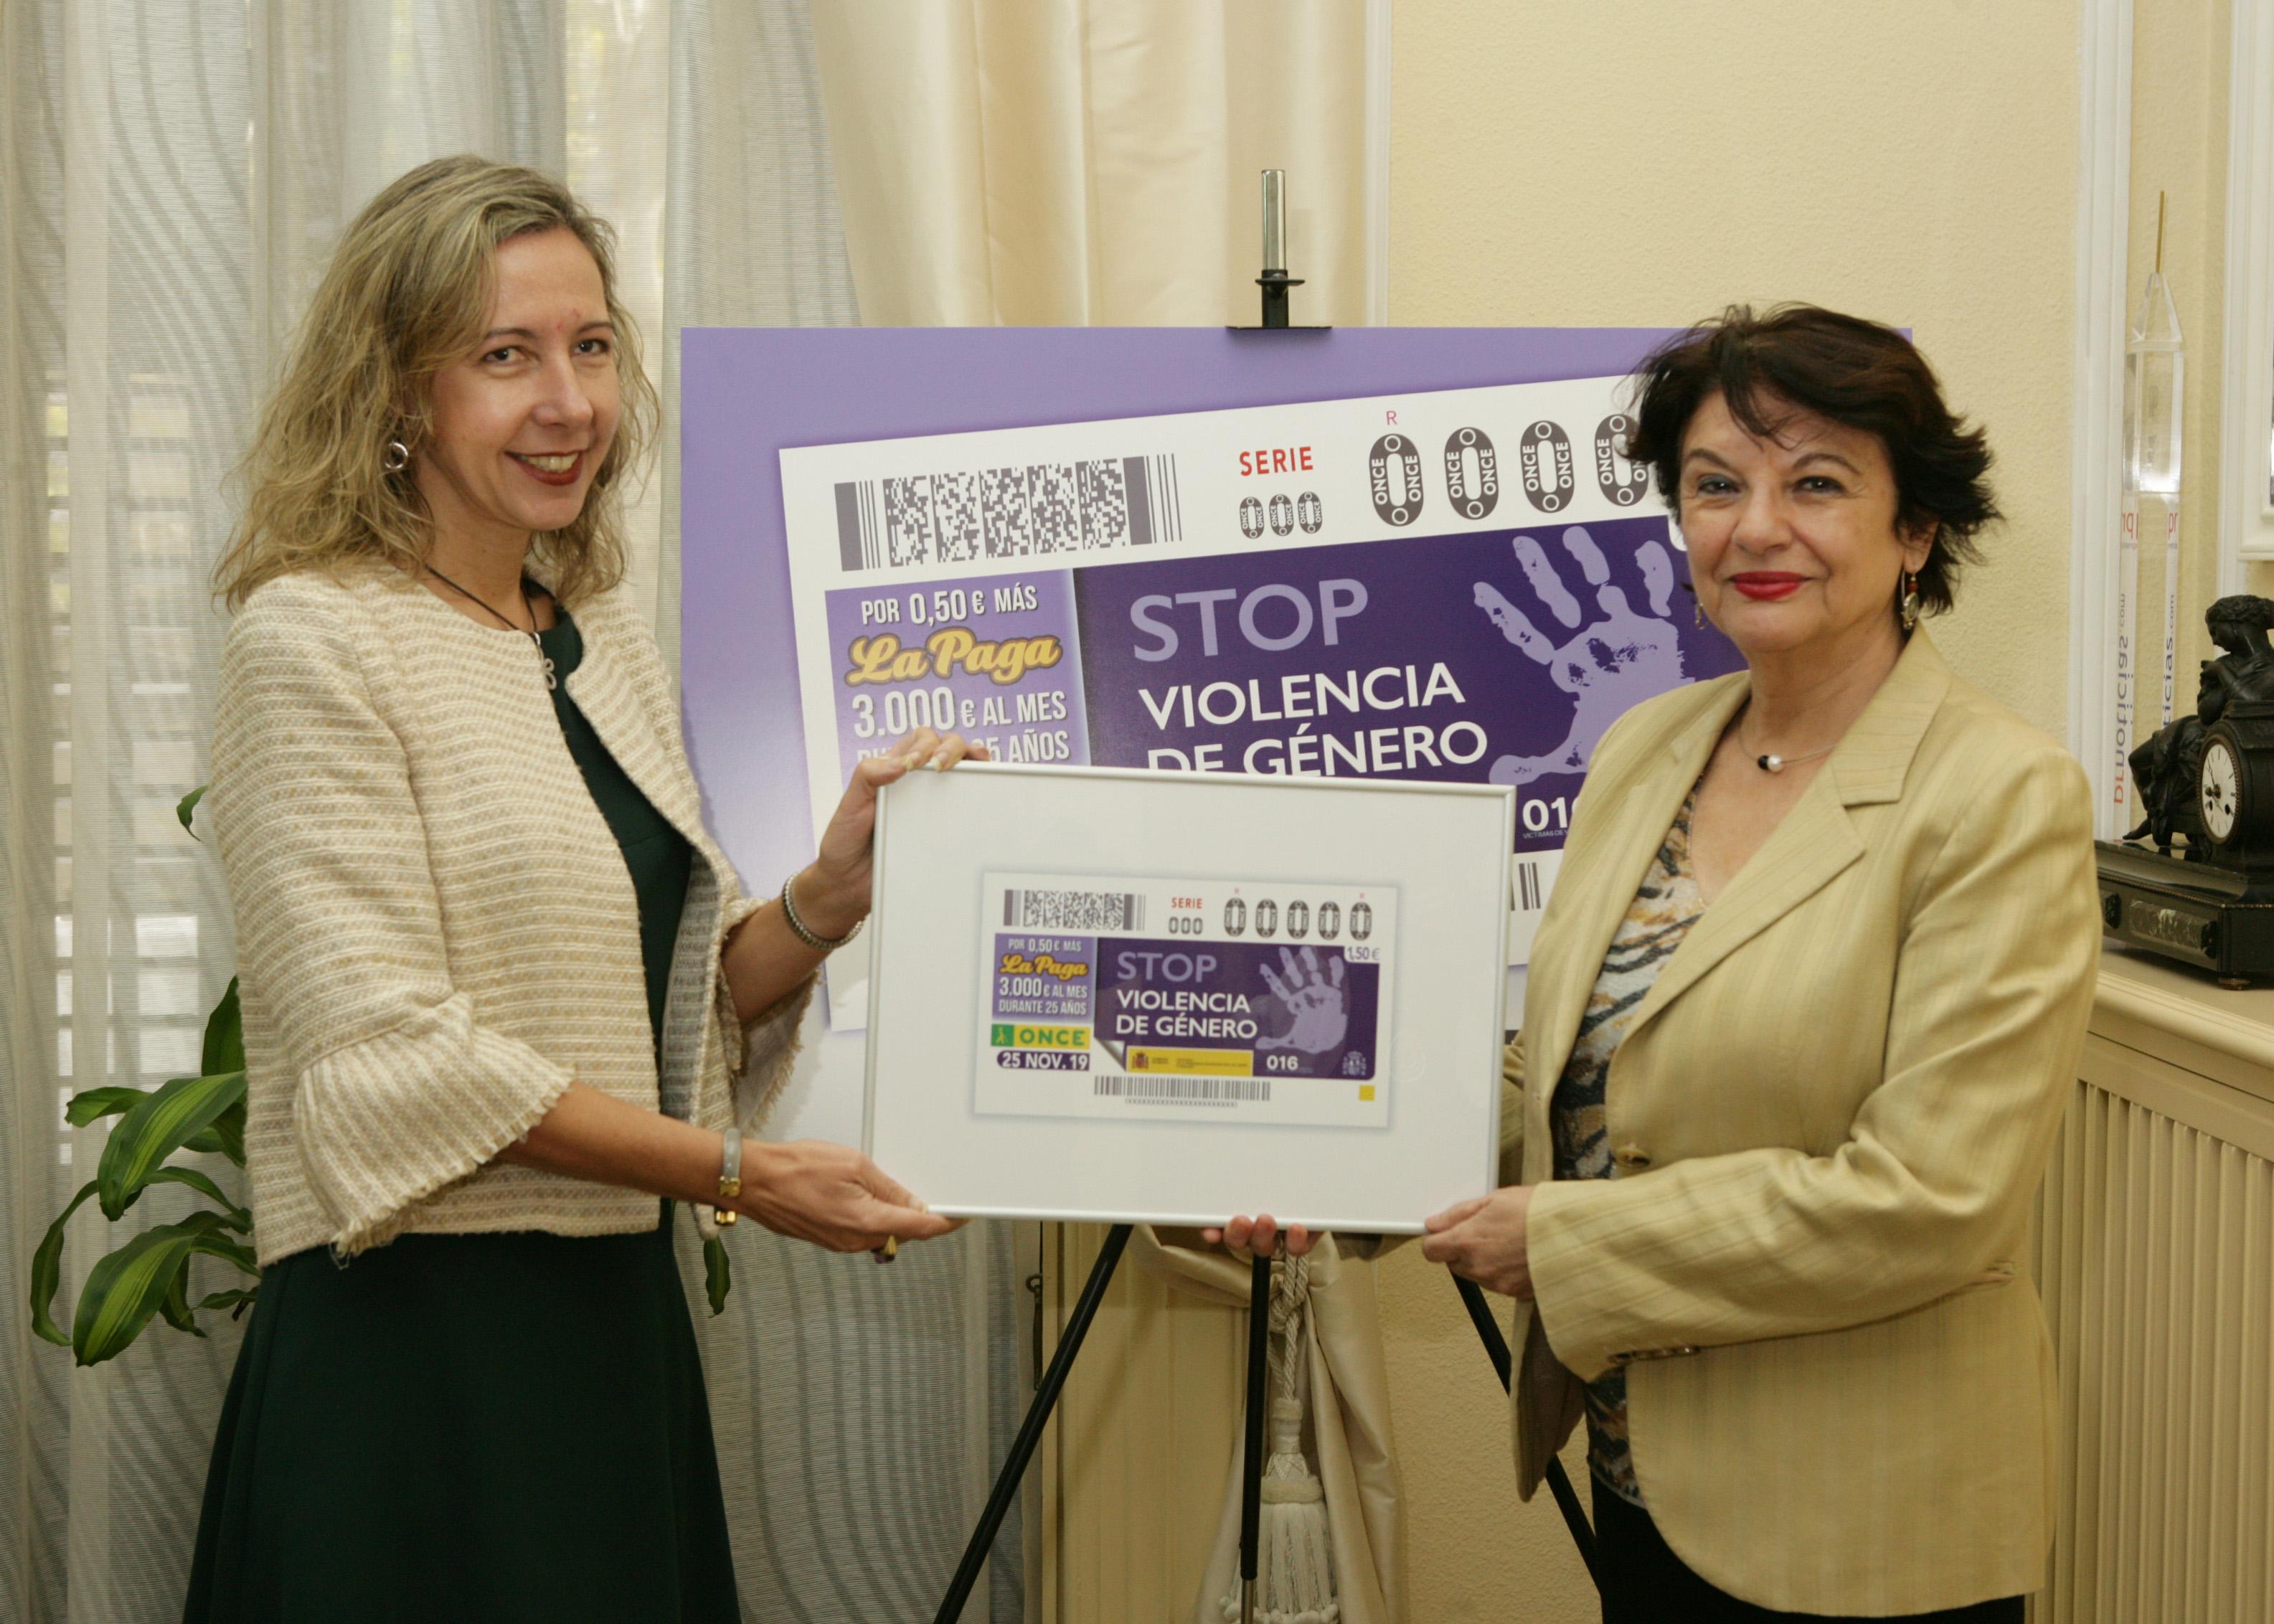 Patricia Sanz y Soledad Murillo con el cupón contra la violencia